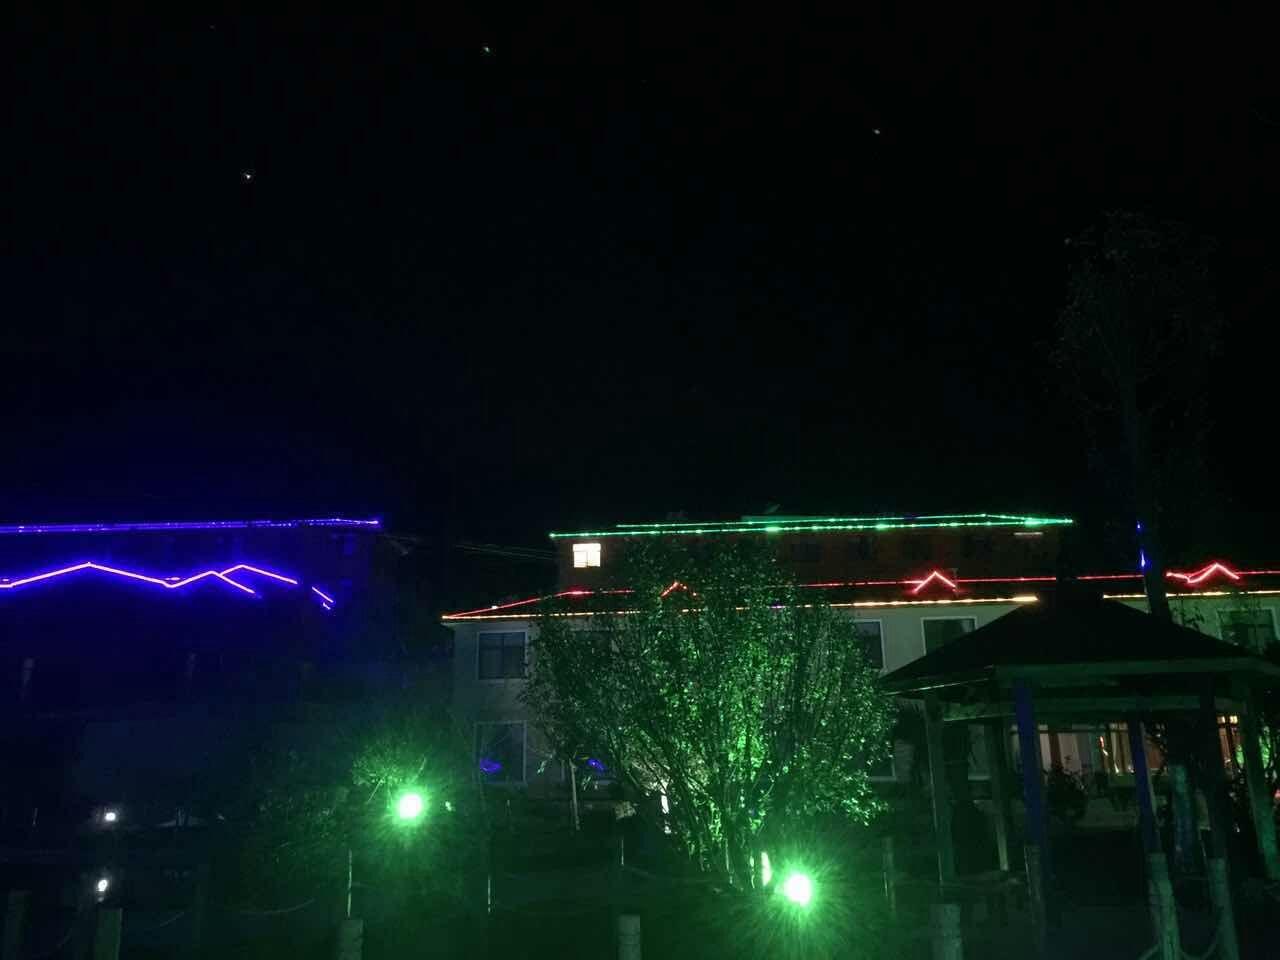 昆明山庄夜景